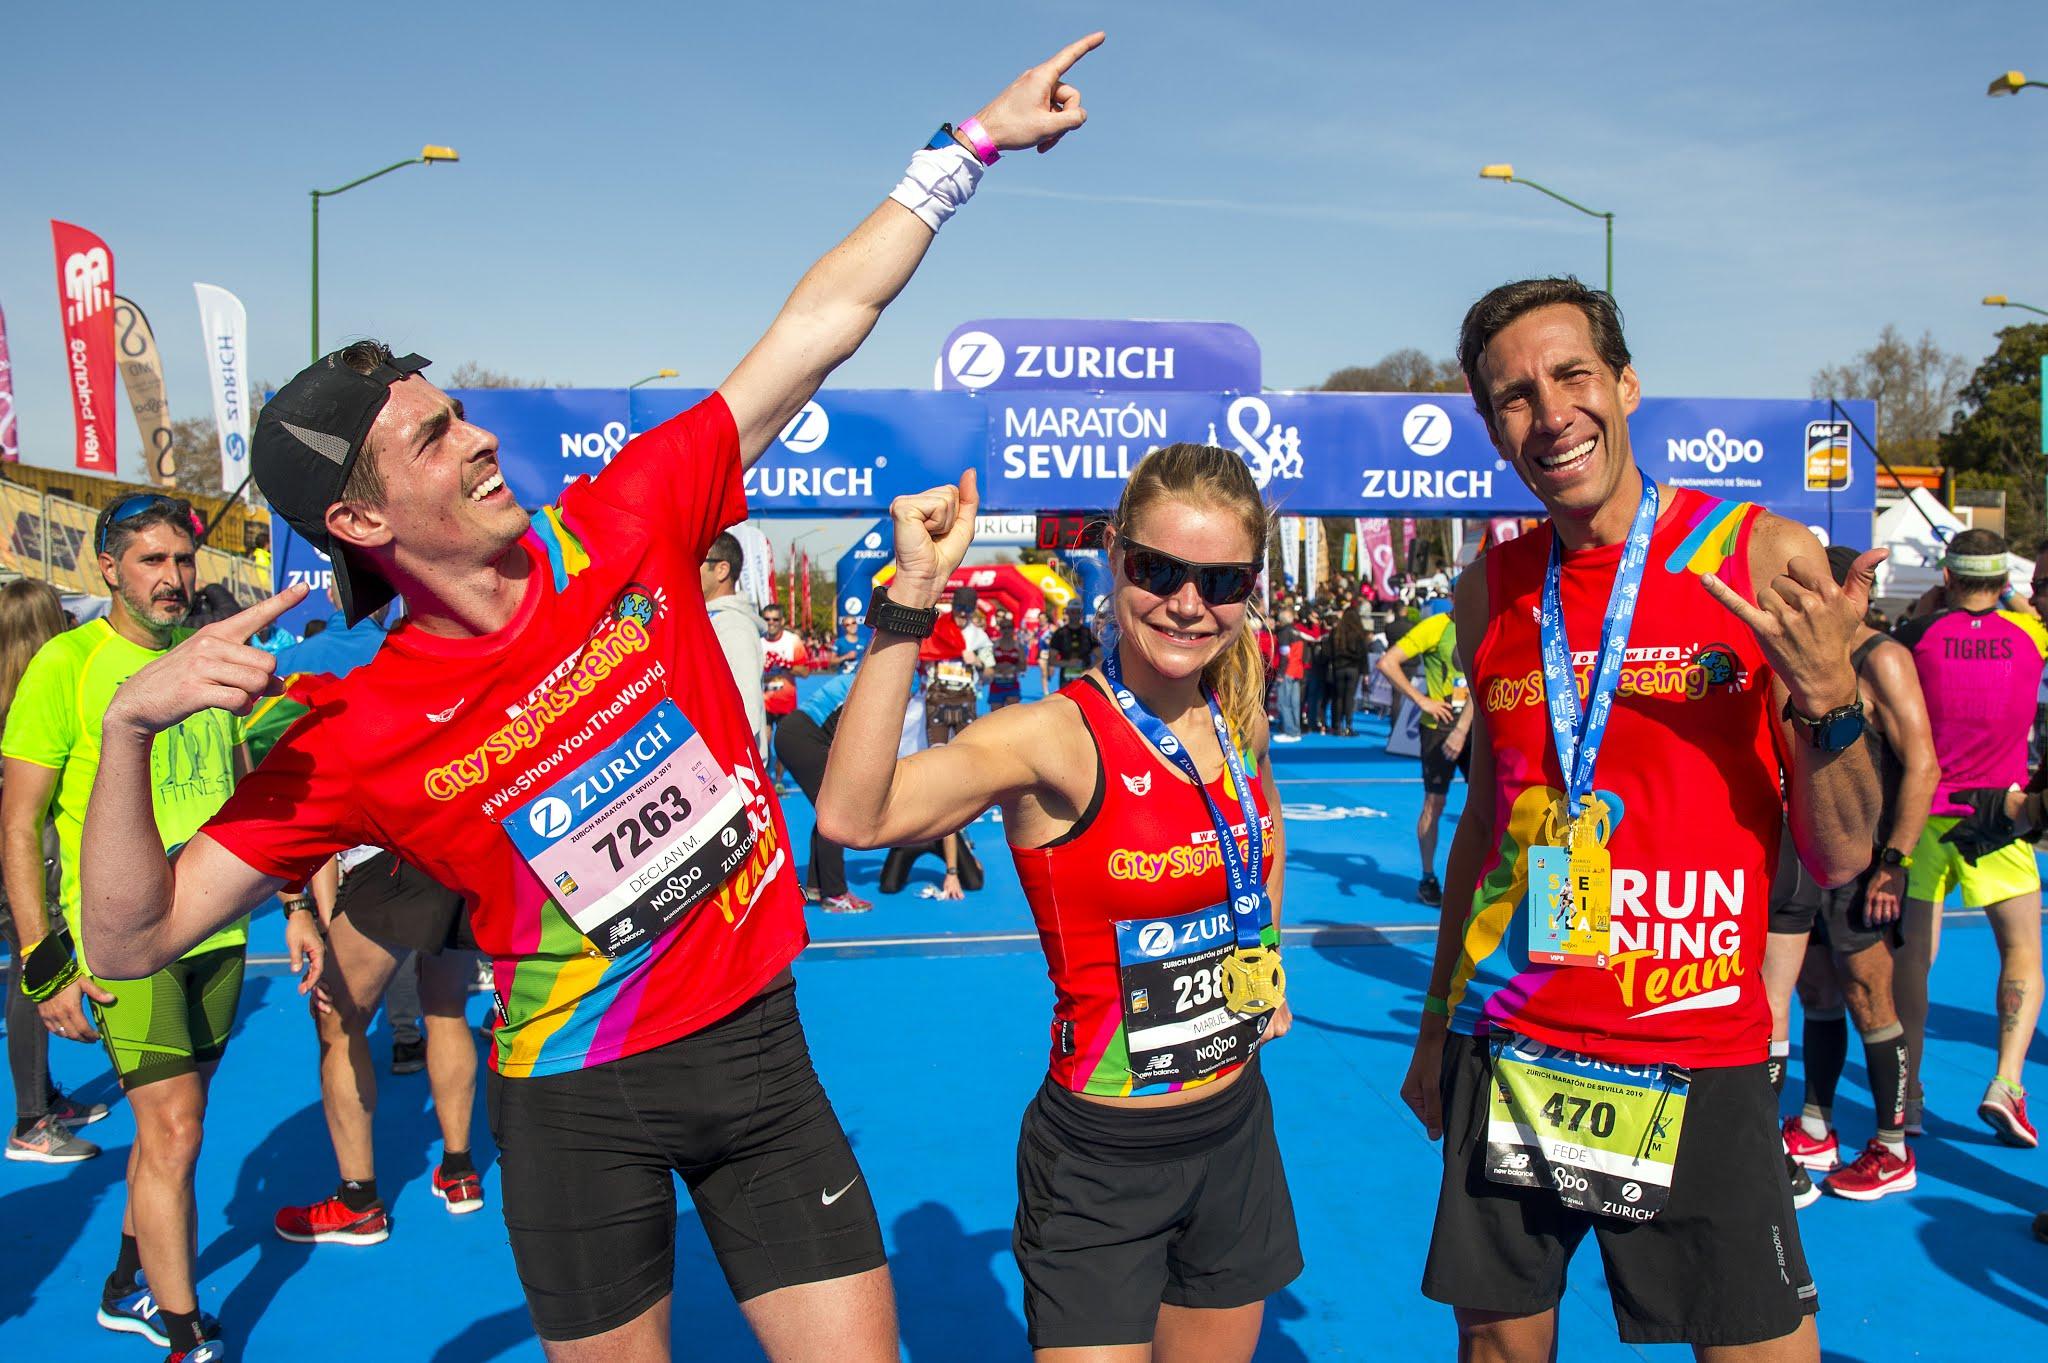 ganadores city sightseeing marathon challenge sevilla 2019